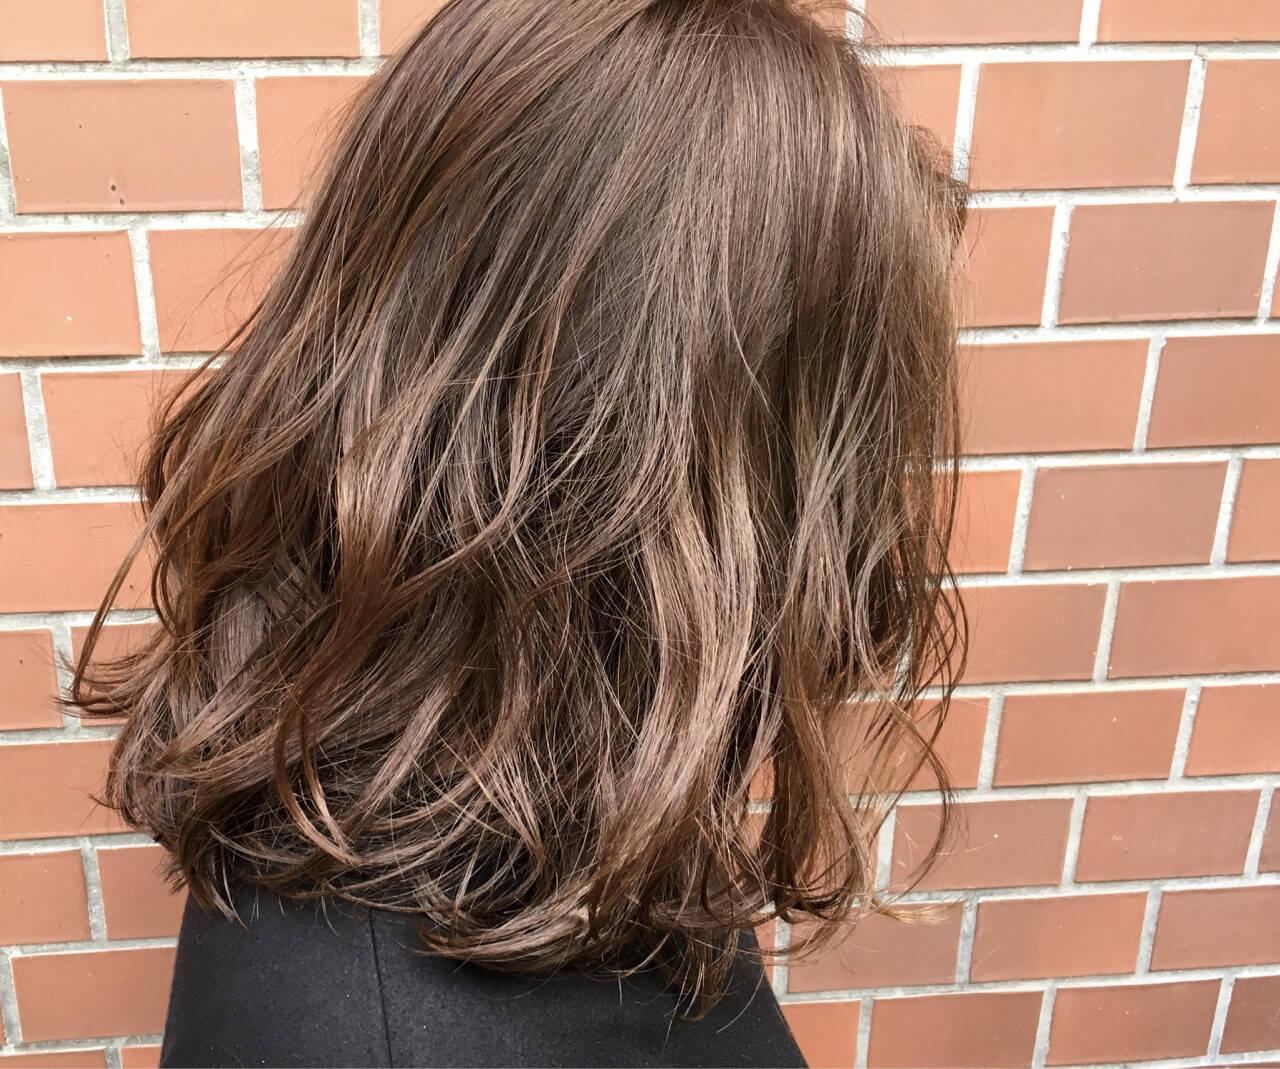 ハイライト ラベンダーアッシュ 前下がり ミディアムヘアスタイルや髪型の写真・画像